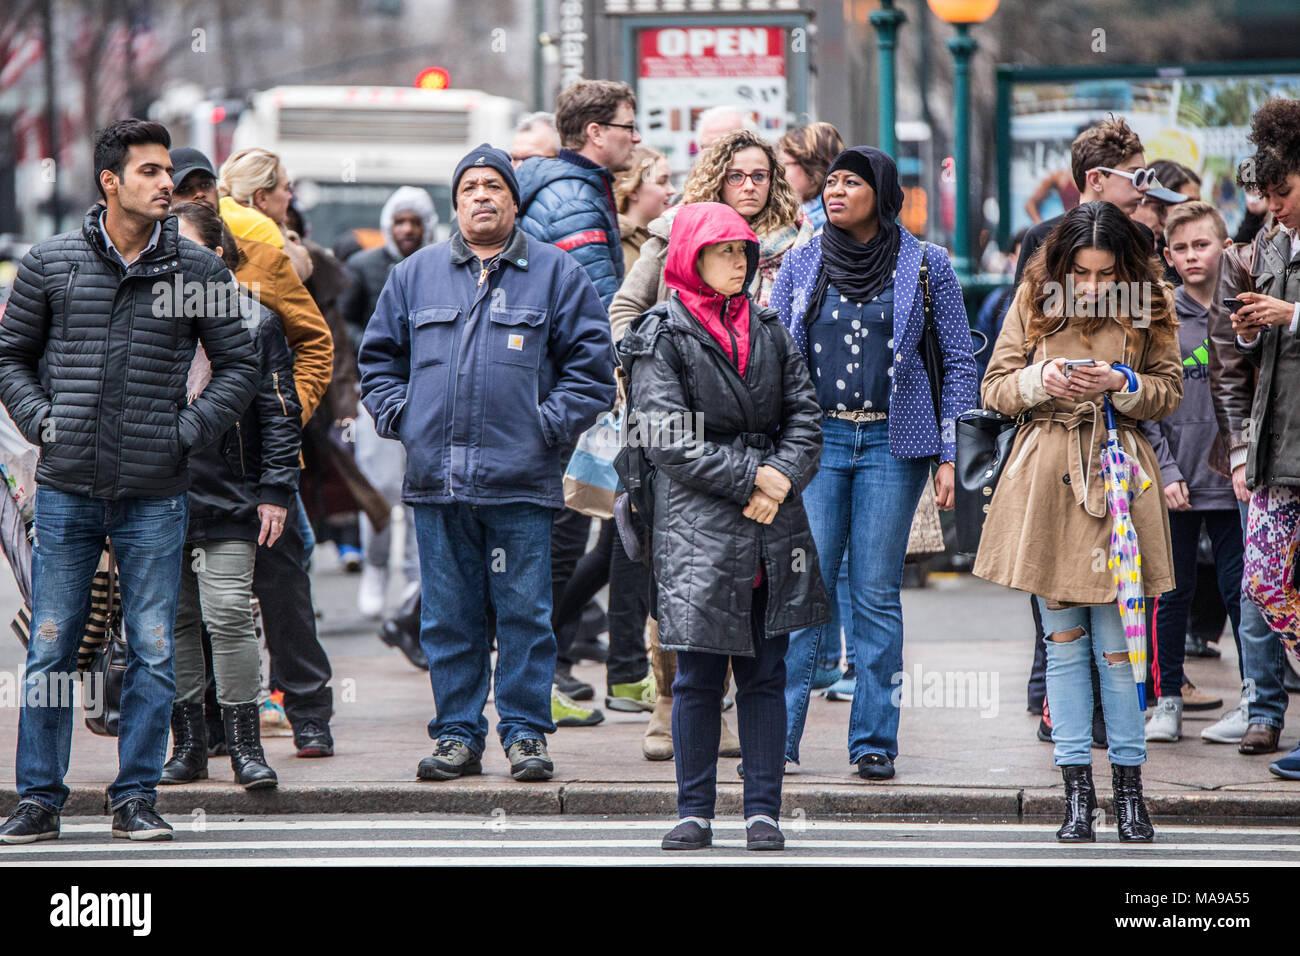 NEW YORK CITY - MARZO 29, 2018: occupato la città di New York Street scene della diversità delle persone pedonale che attraversa la strada in Midtown Manhattan su 34th str Immagini Stock